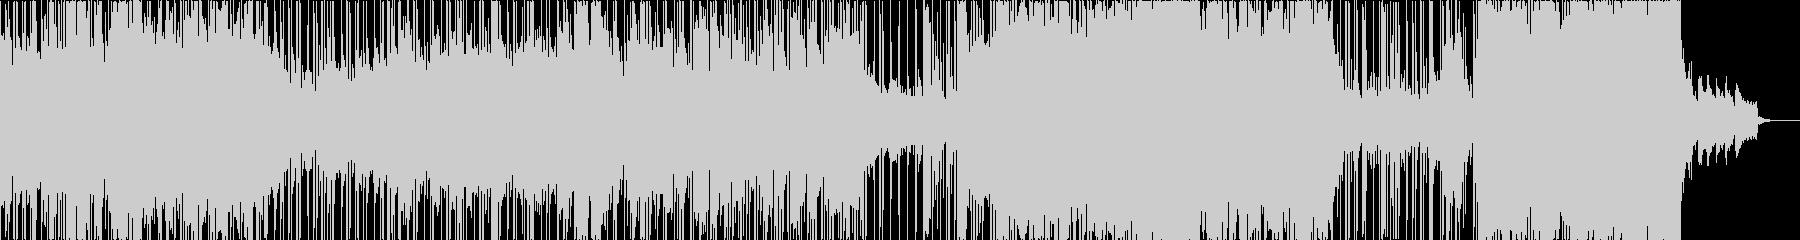 ゲーム音楽・6/8拍子・ノスタルジックの未再生の波形